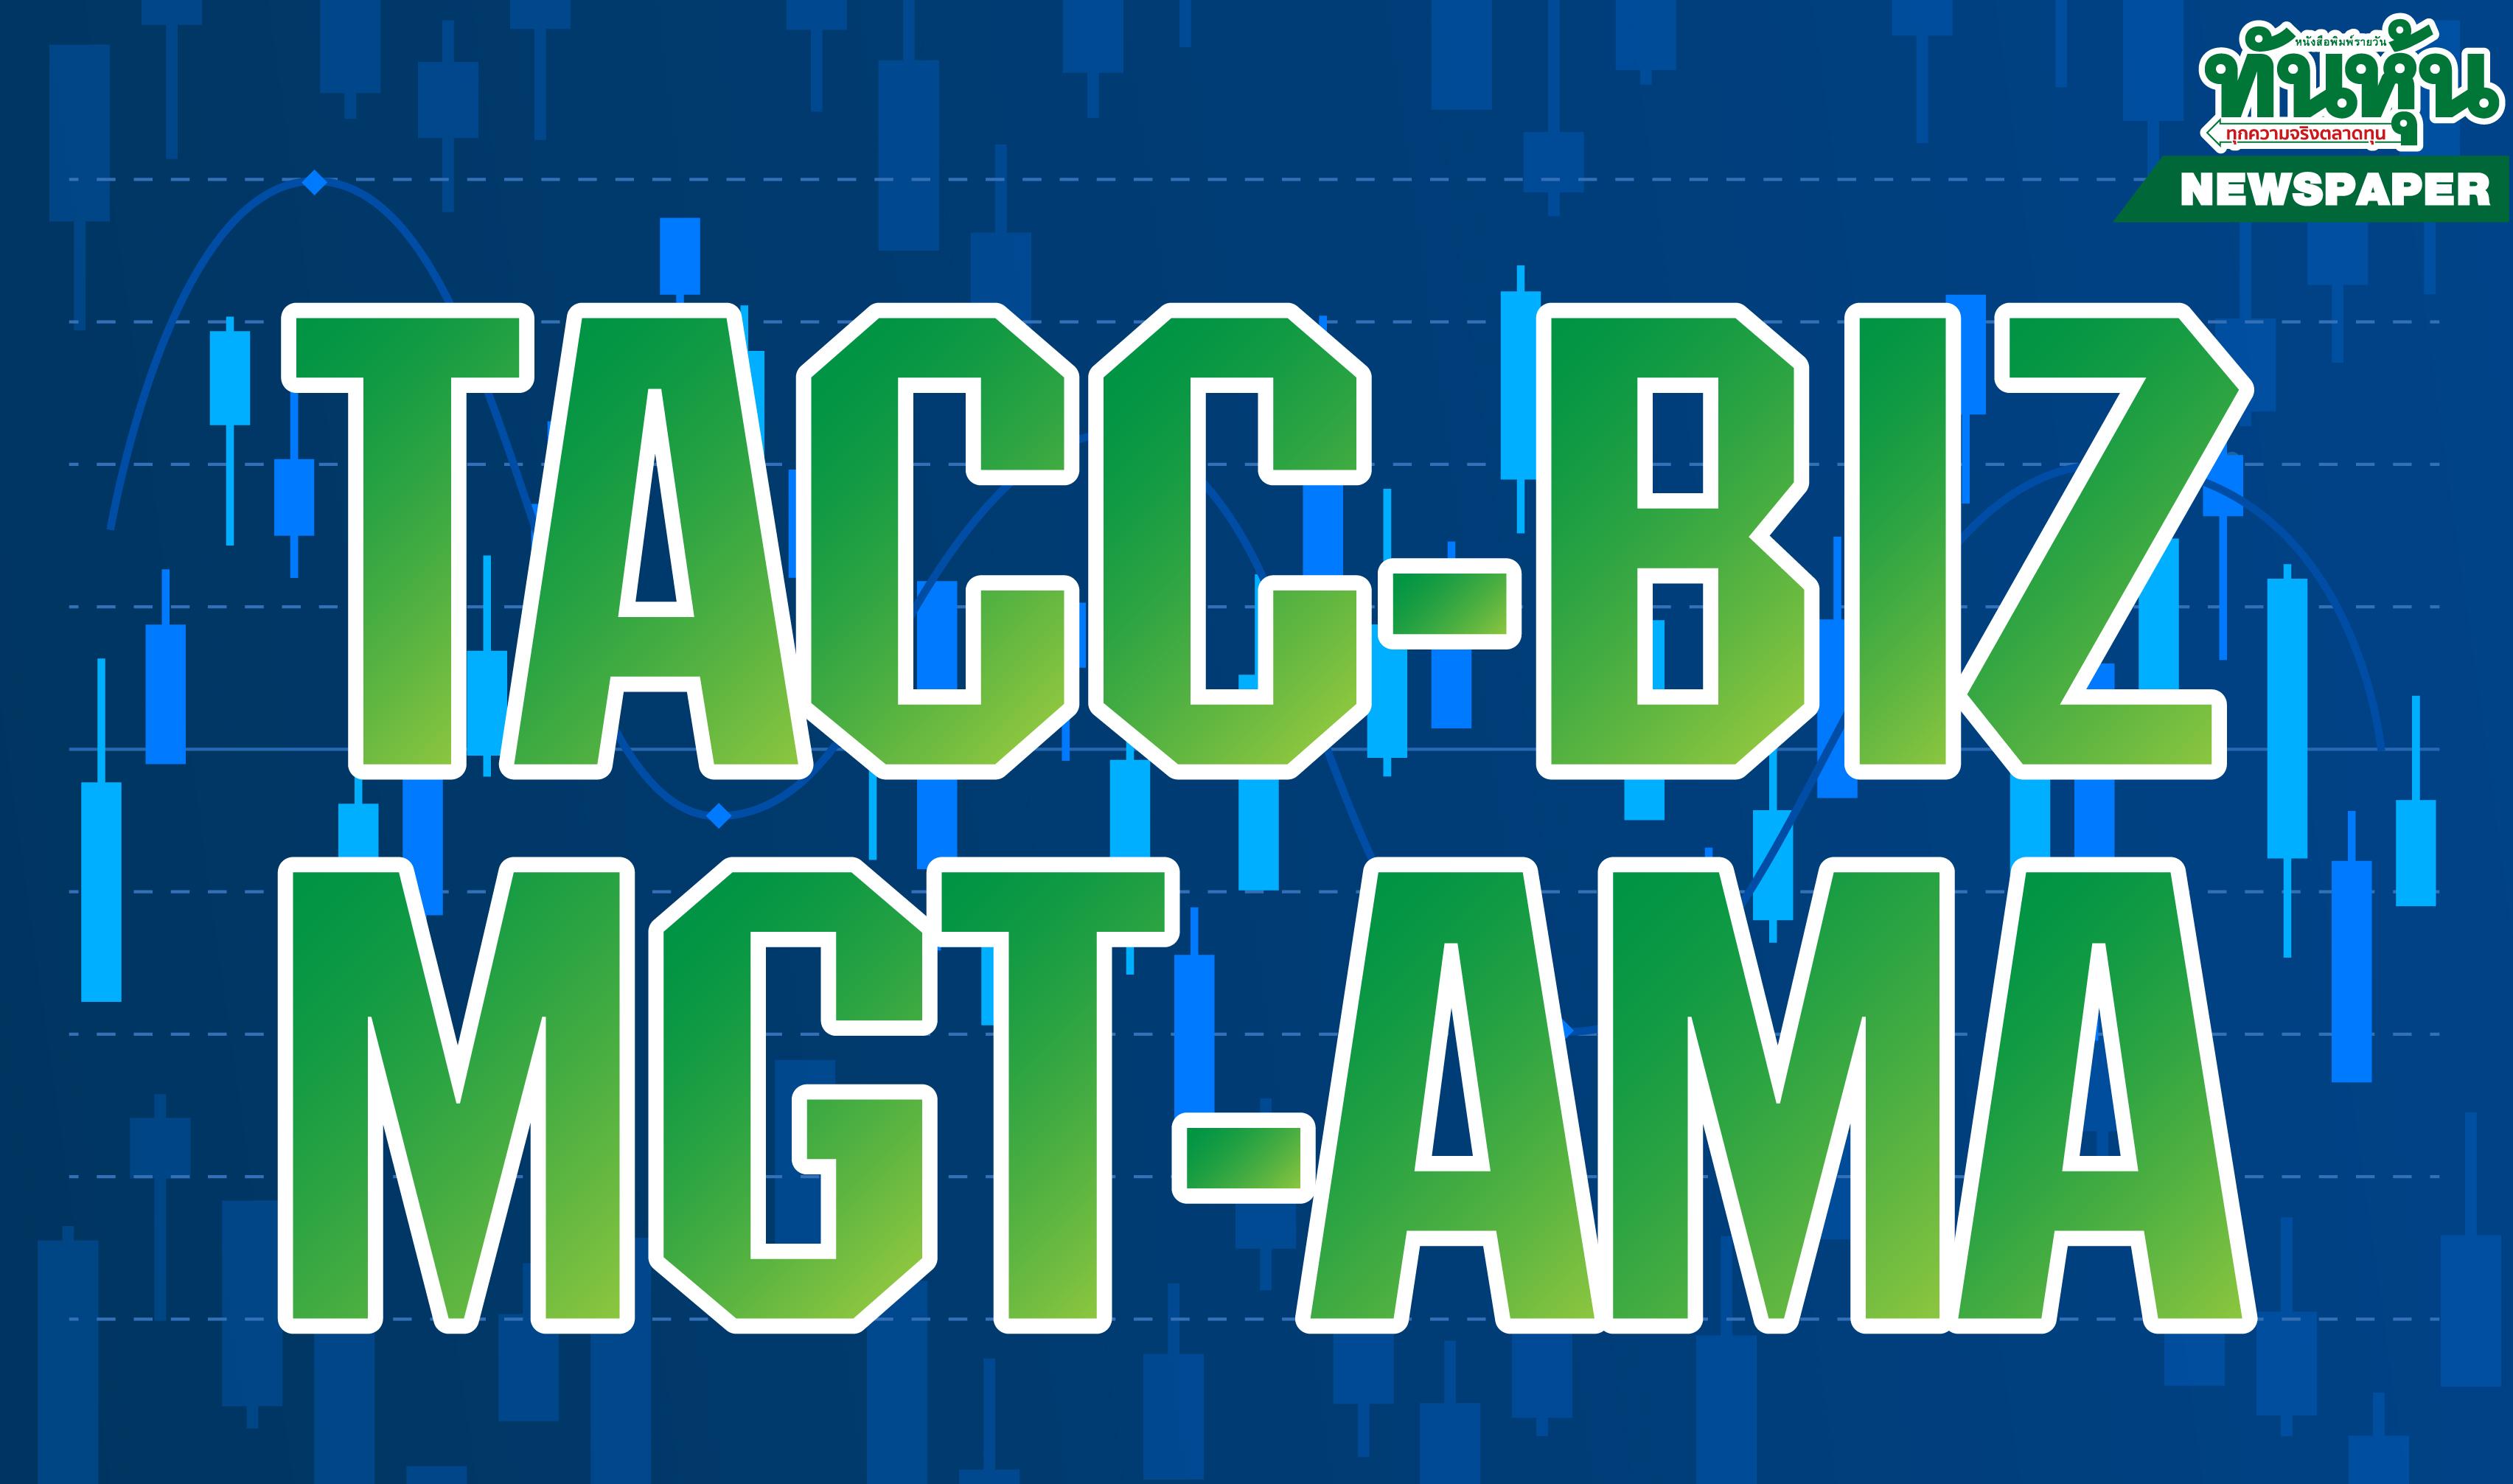 โบรกคัดหุ้นเล็กงบQ3โตเด่น TACC-BIZ-MGT-AMAเข้าวิน